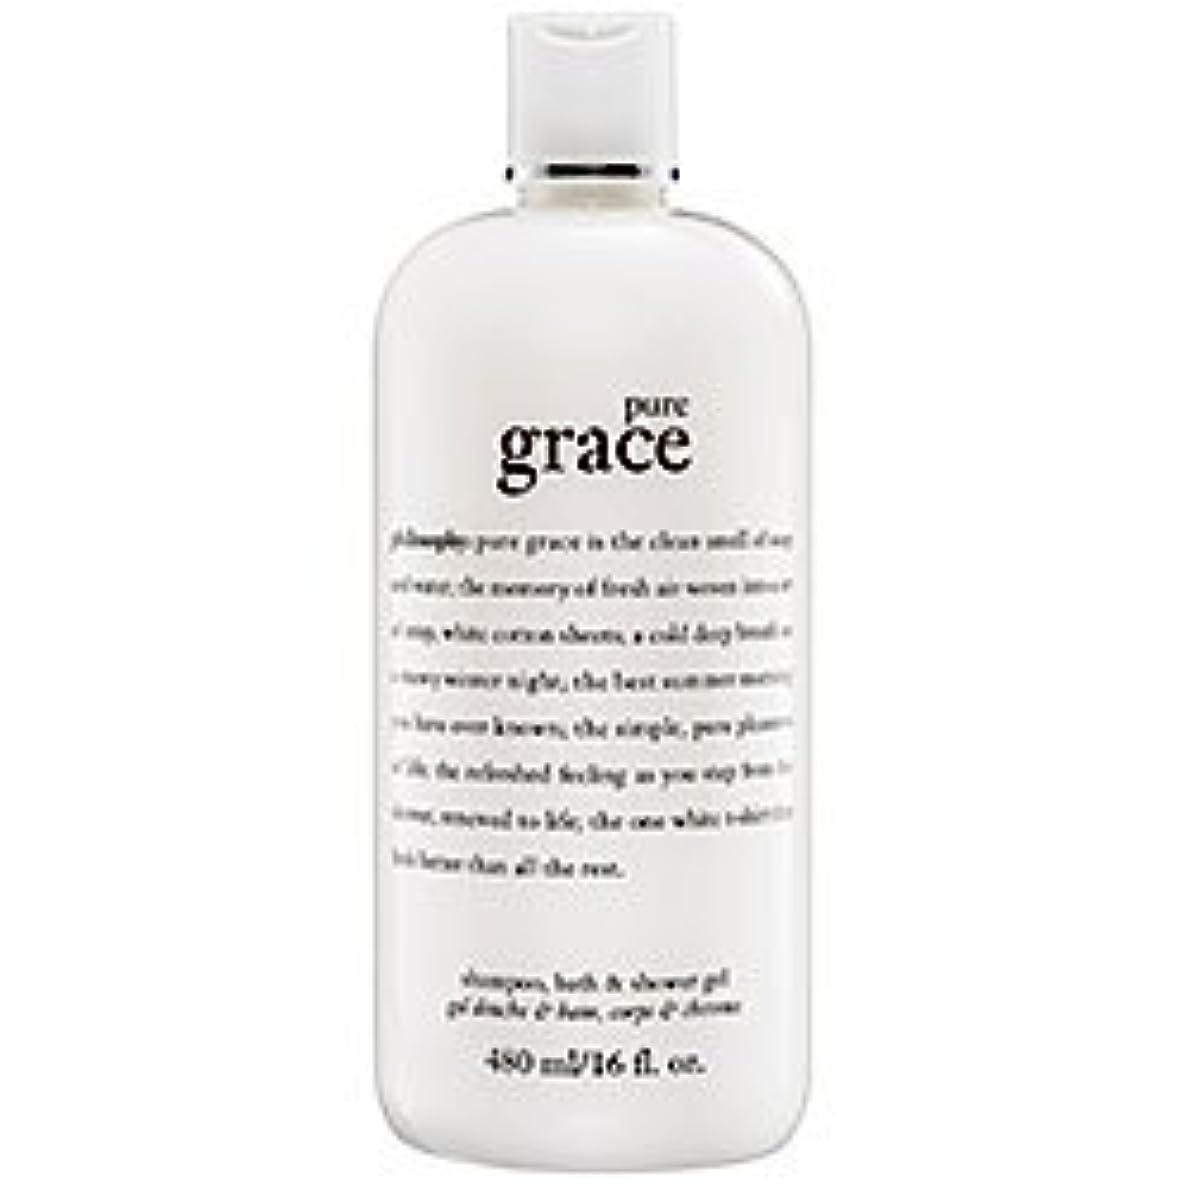 オーバードローアクセント酸化するpure grace (ピュアグレイス ) 16.0 oz (480ml) foaming bath and shower gel for Women